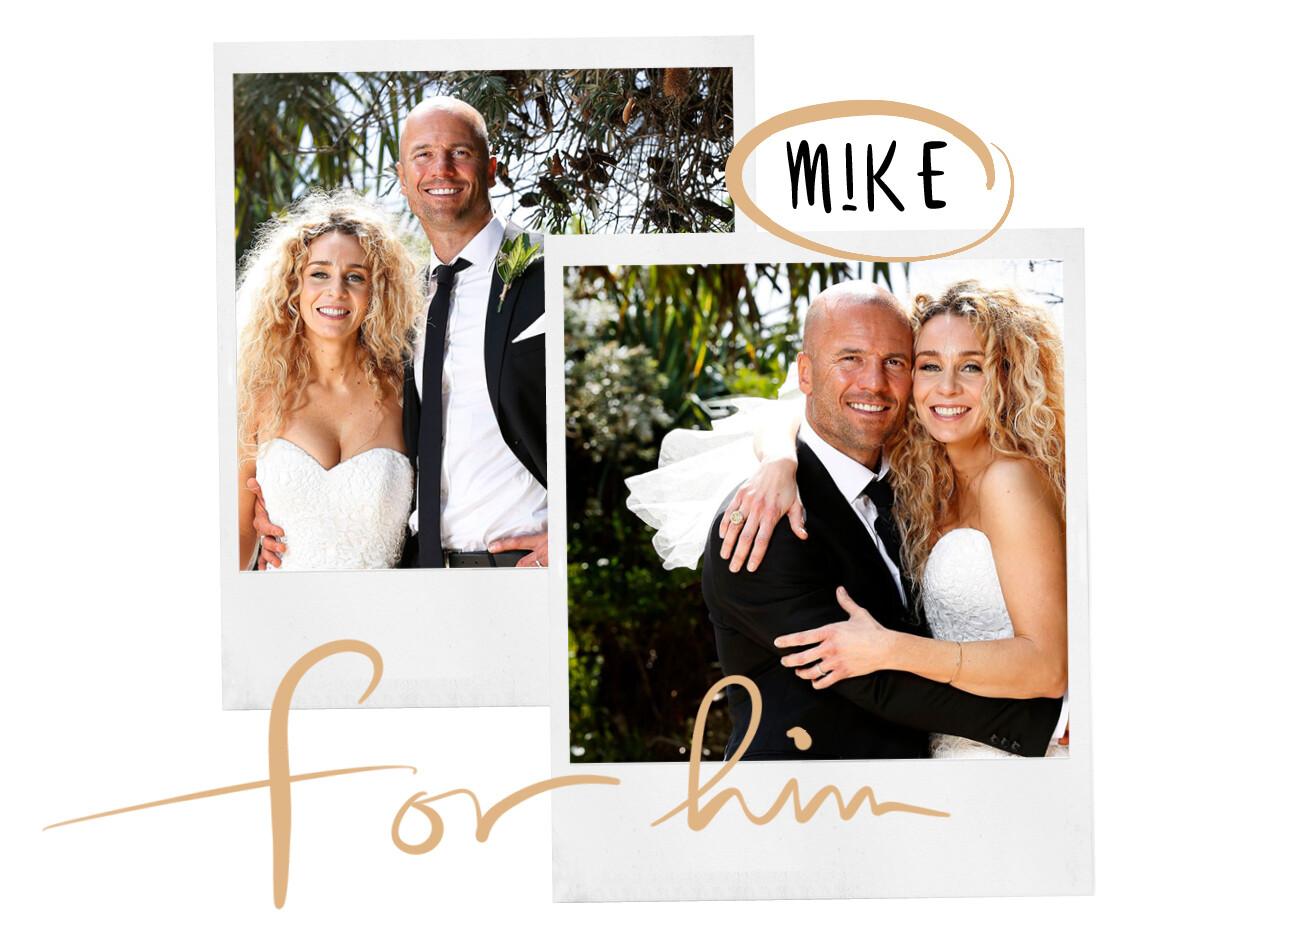 Een ode aan Mike van MAFS Australia